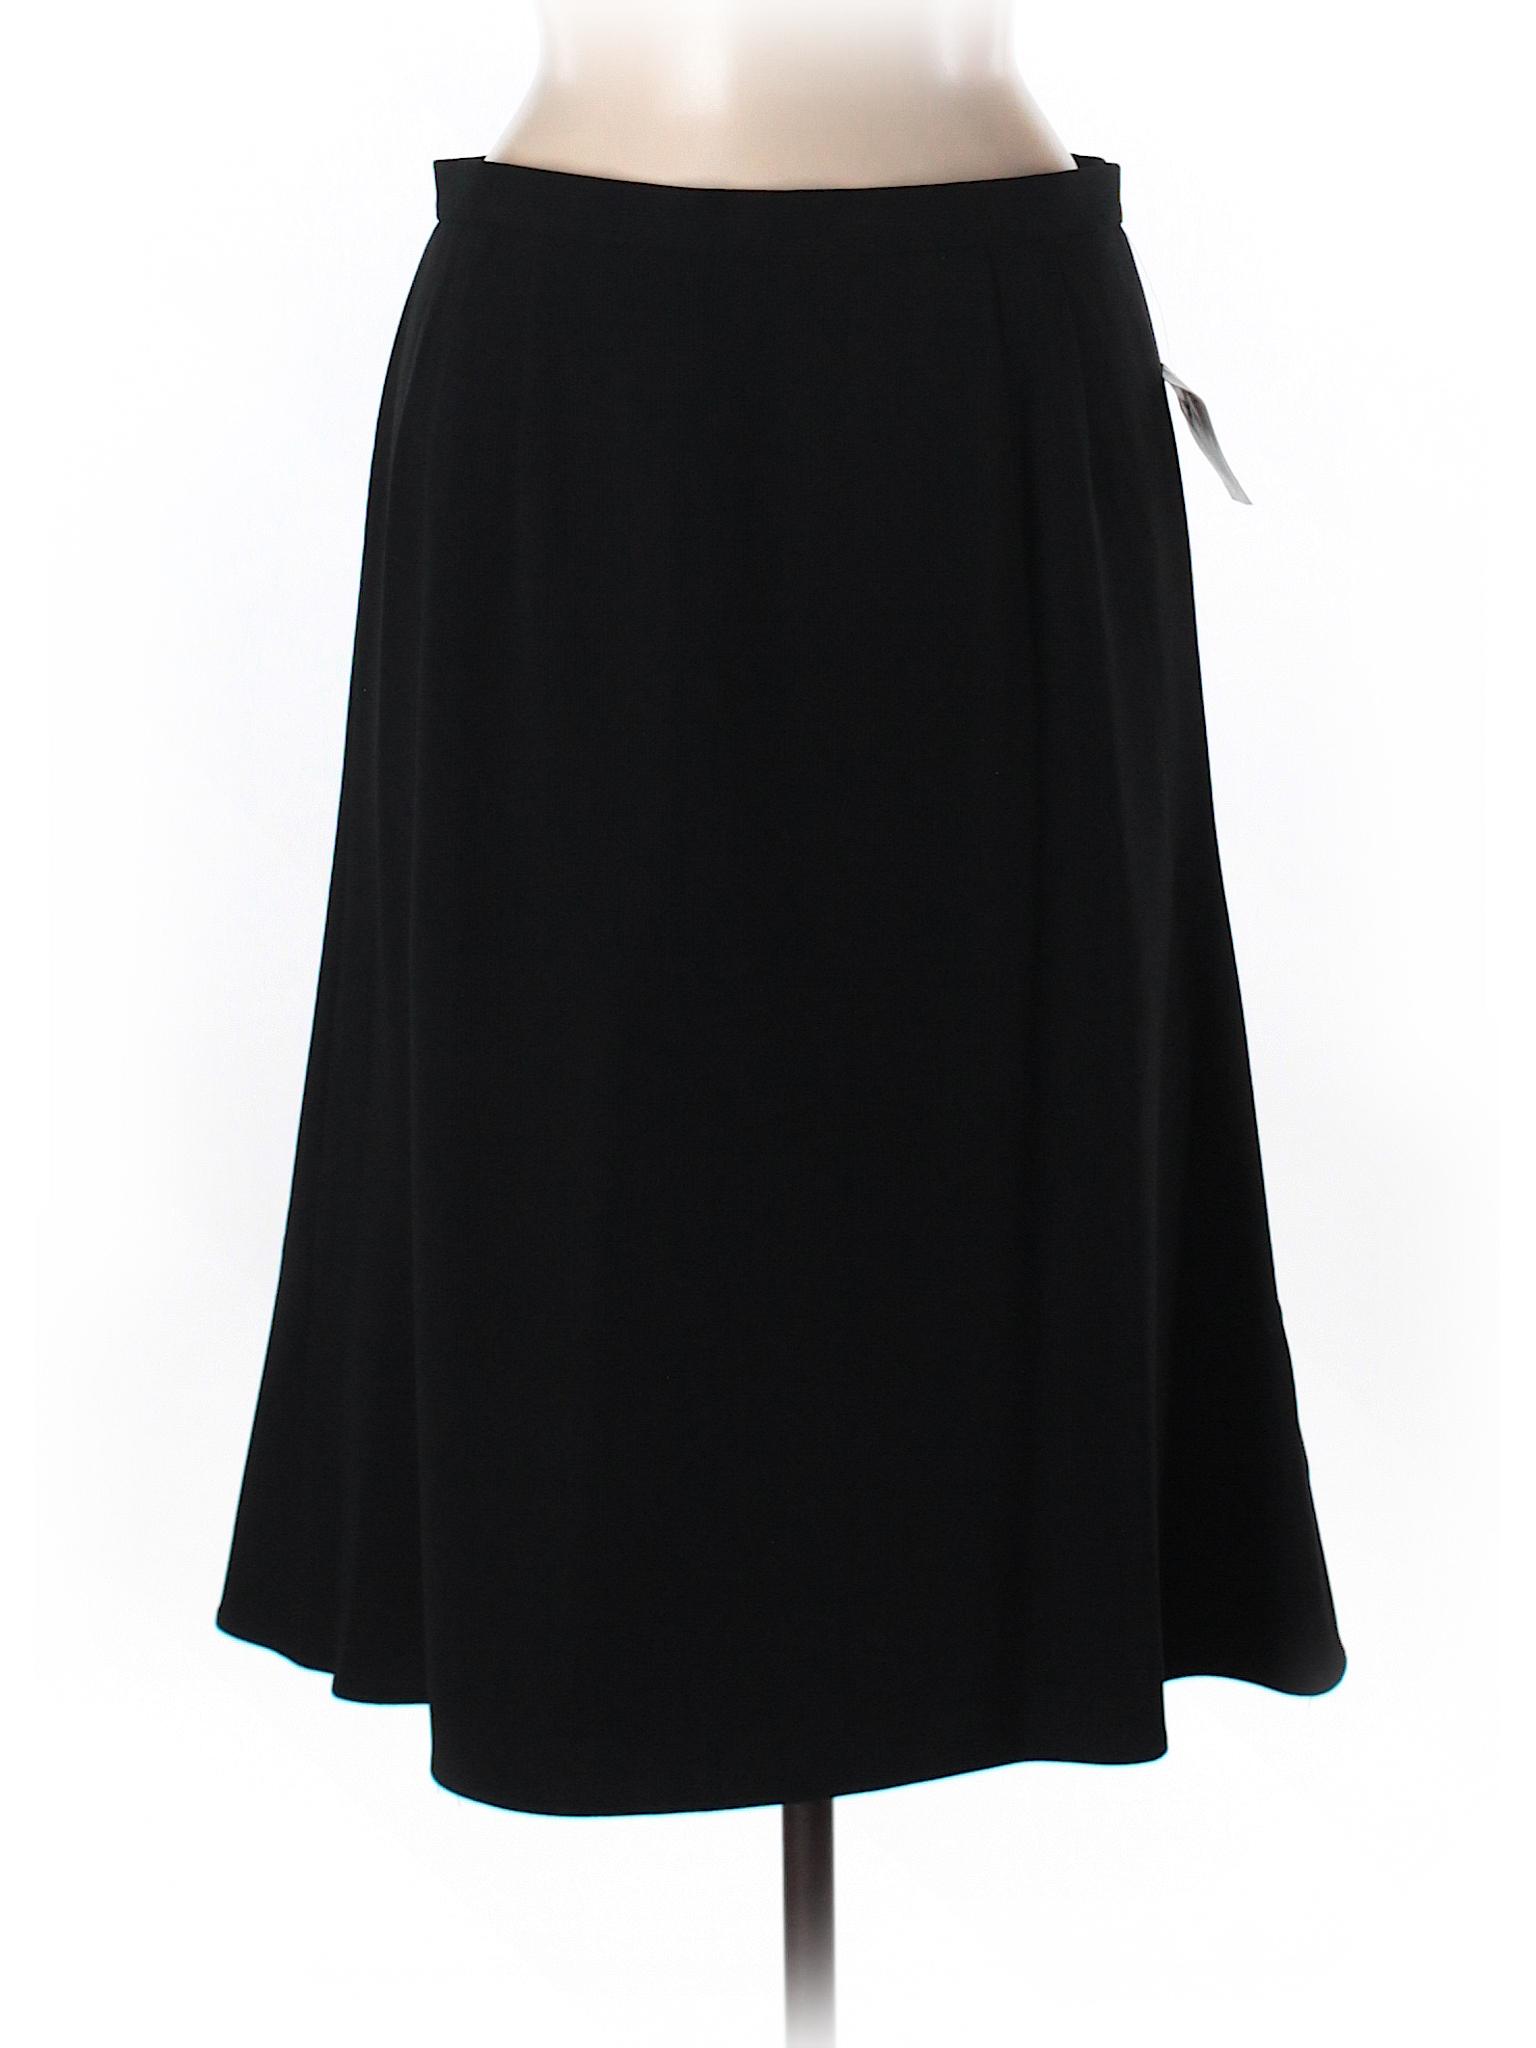 Casual Boutique Casual Casual Skirt Skirt Skirt Boutique Boutique xzqPnw6